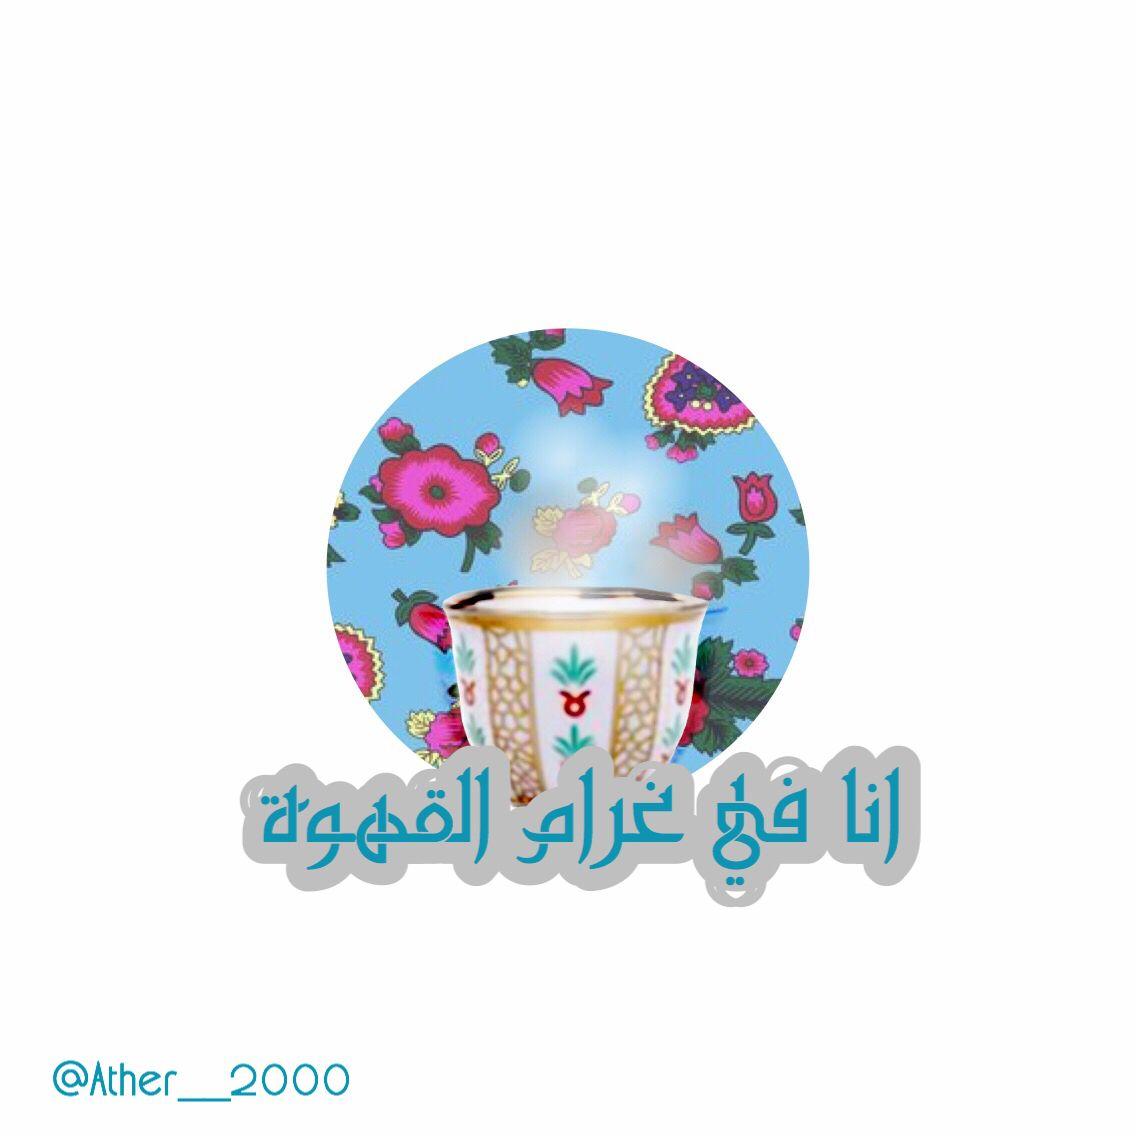 غرام القهوة قهوة عربية عربي بوب ارت Eid Crafts Pop Art Portraits Ramadan Decorations